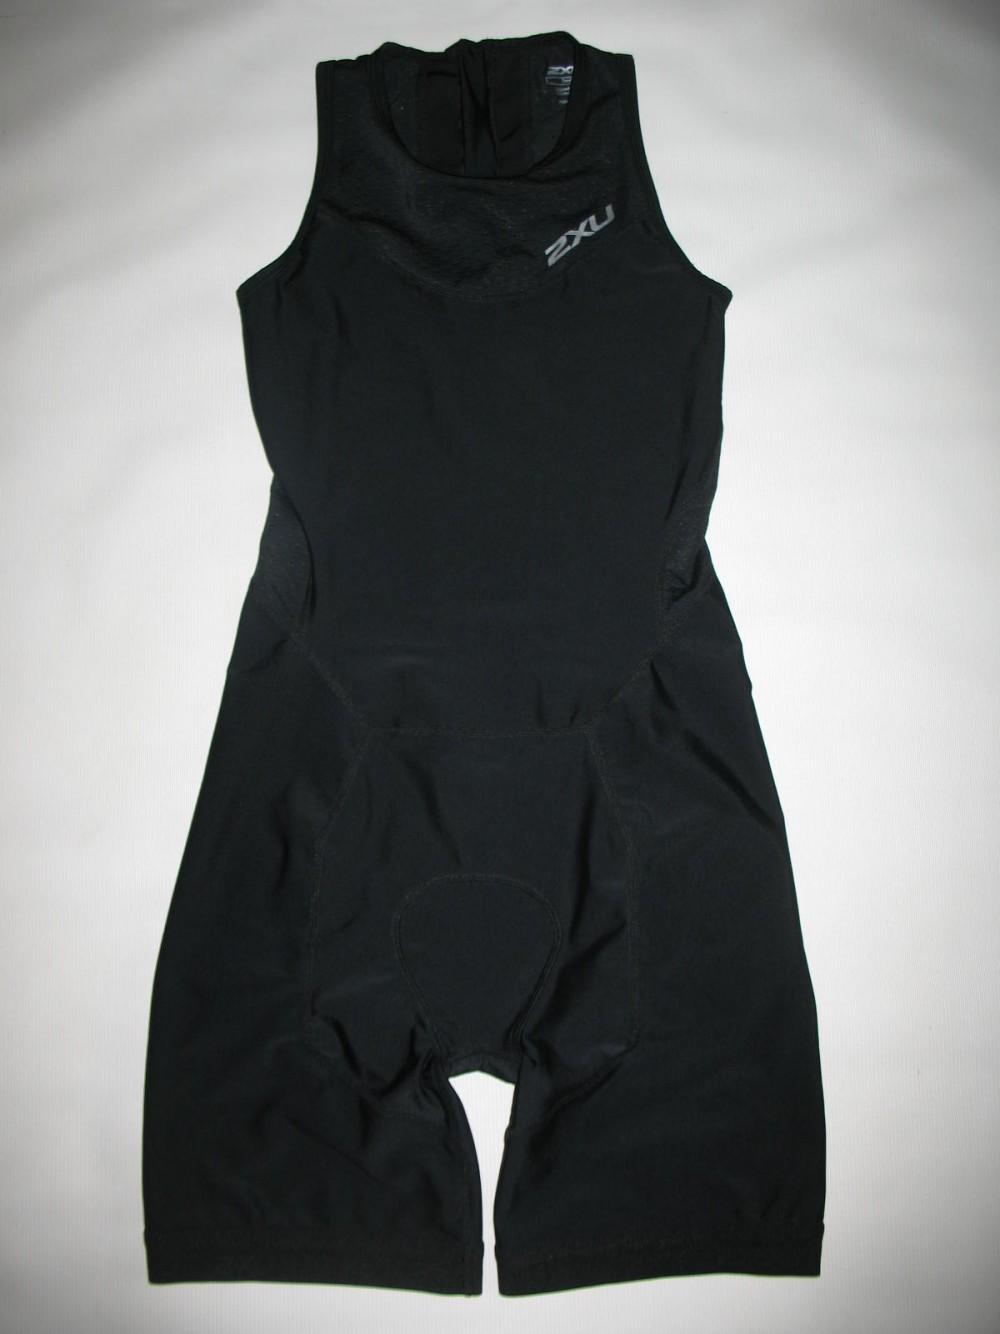 Костюм для триатлона 2XU perform trisuit lady (размер S) - 4